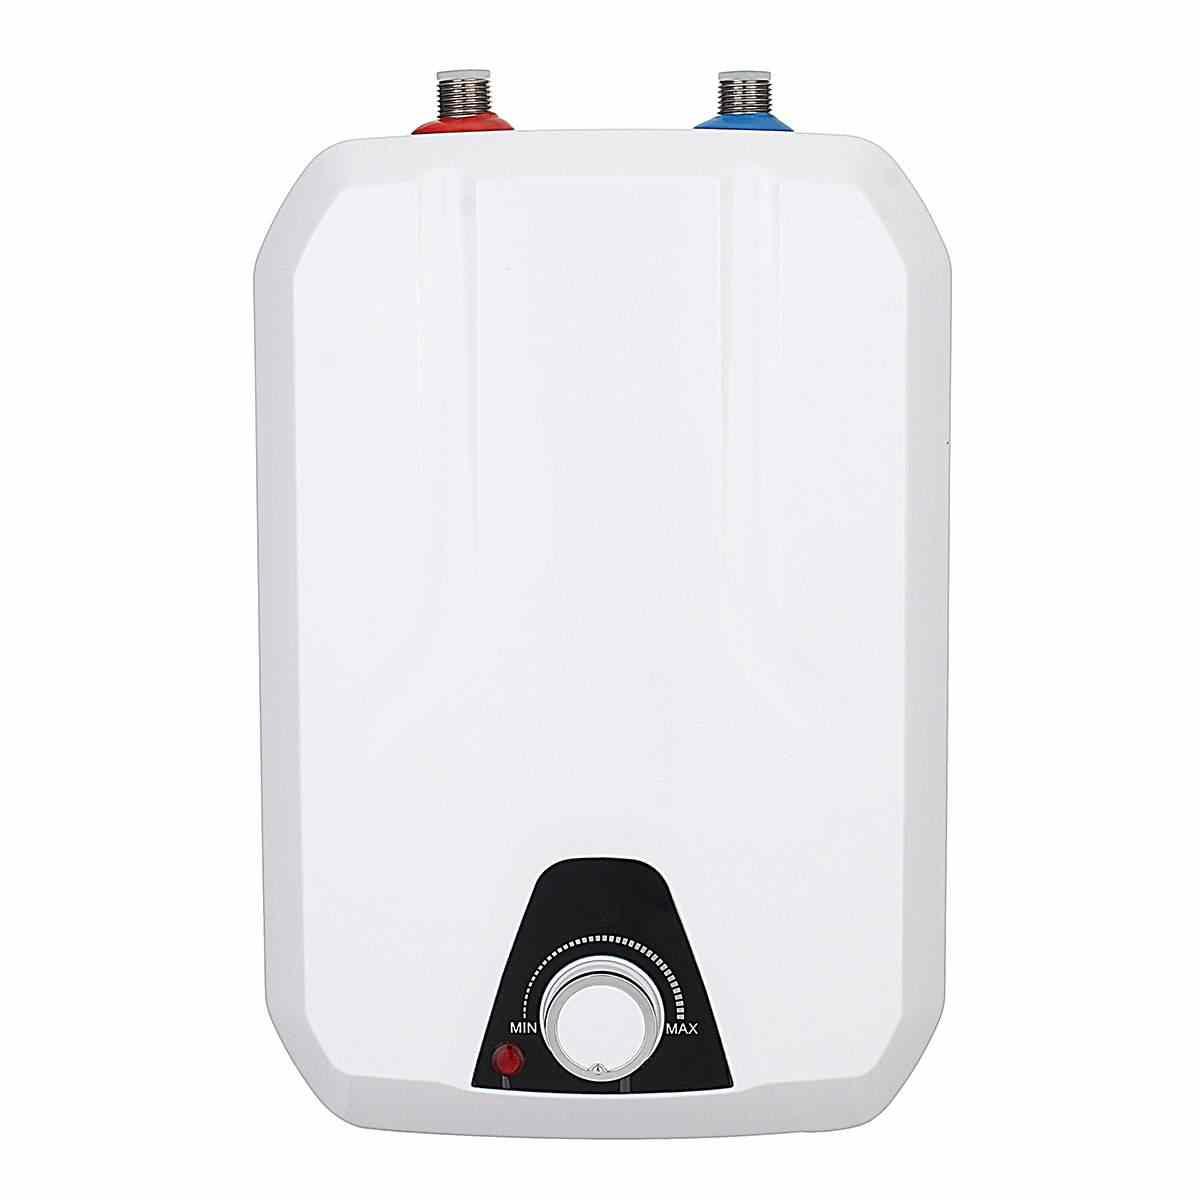 8L accueil chauffe-eau électrique sans réservoir système de chauffage instantané chauffe-eau instantané douche chaude chauffage rapide 1500W